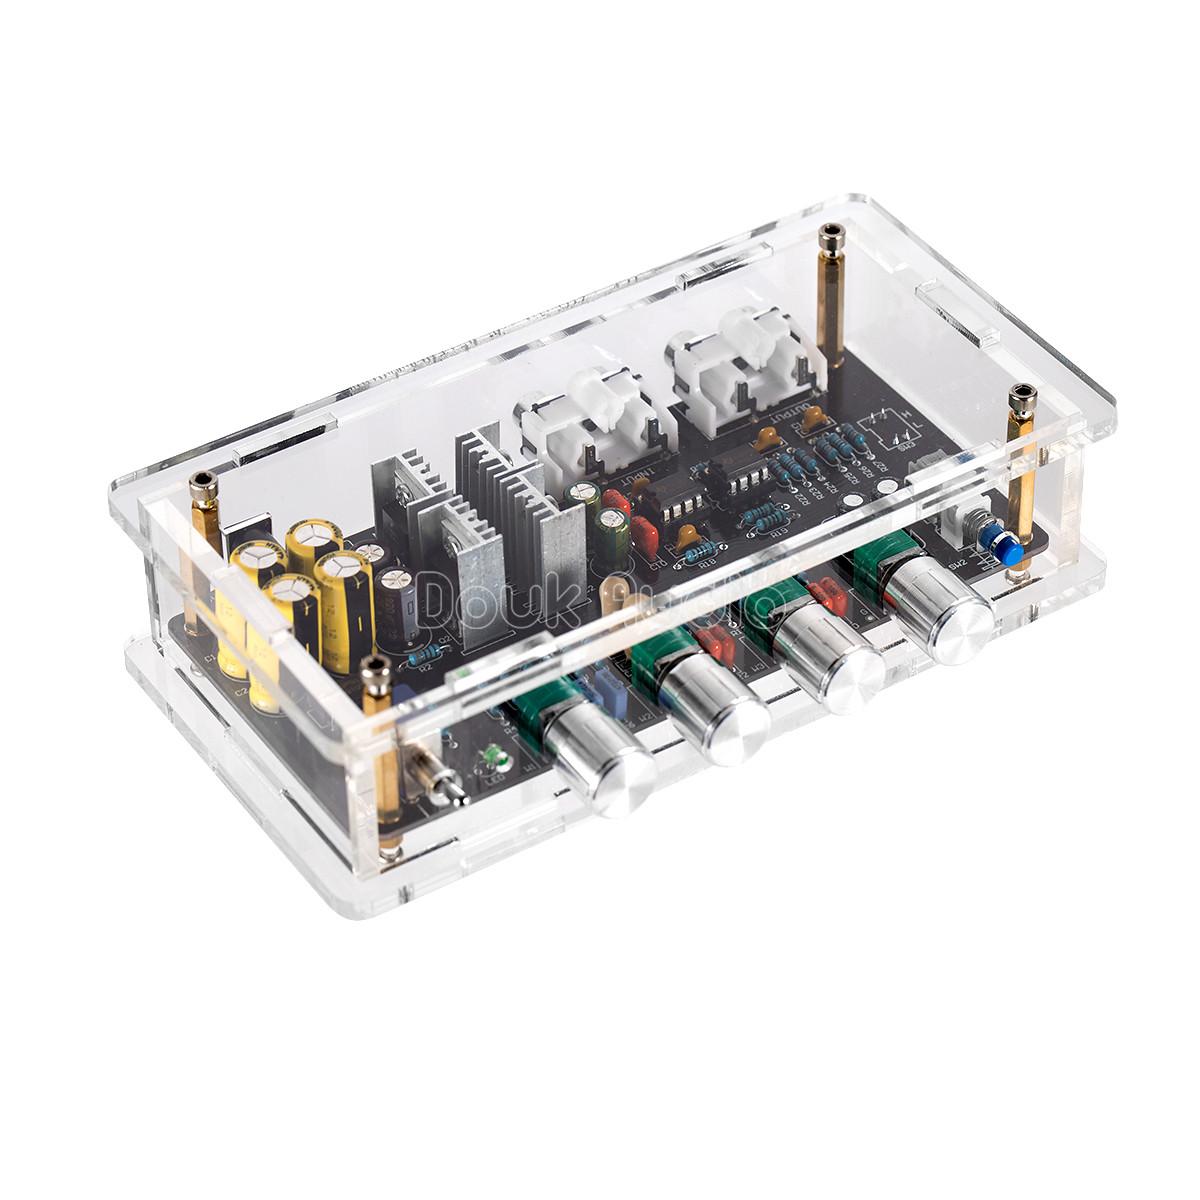 Douk Audio Ne5532 Hifi Preamp Tone Control Stereo Pre